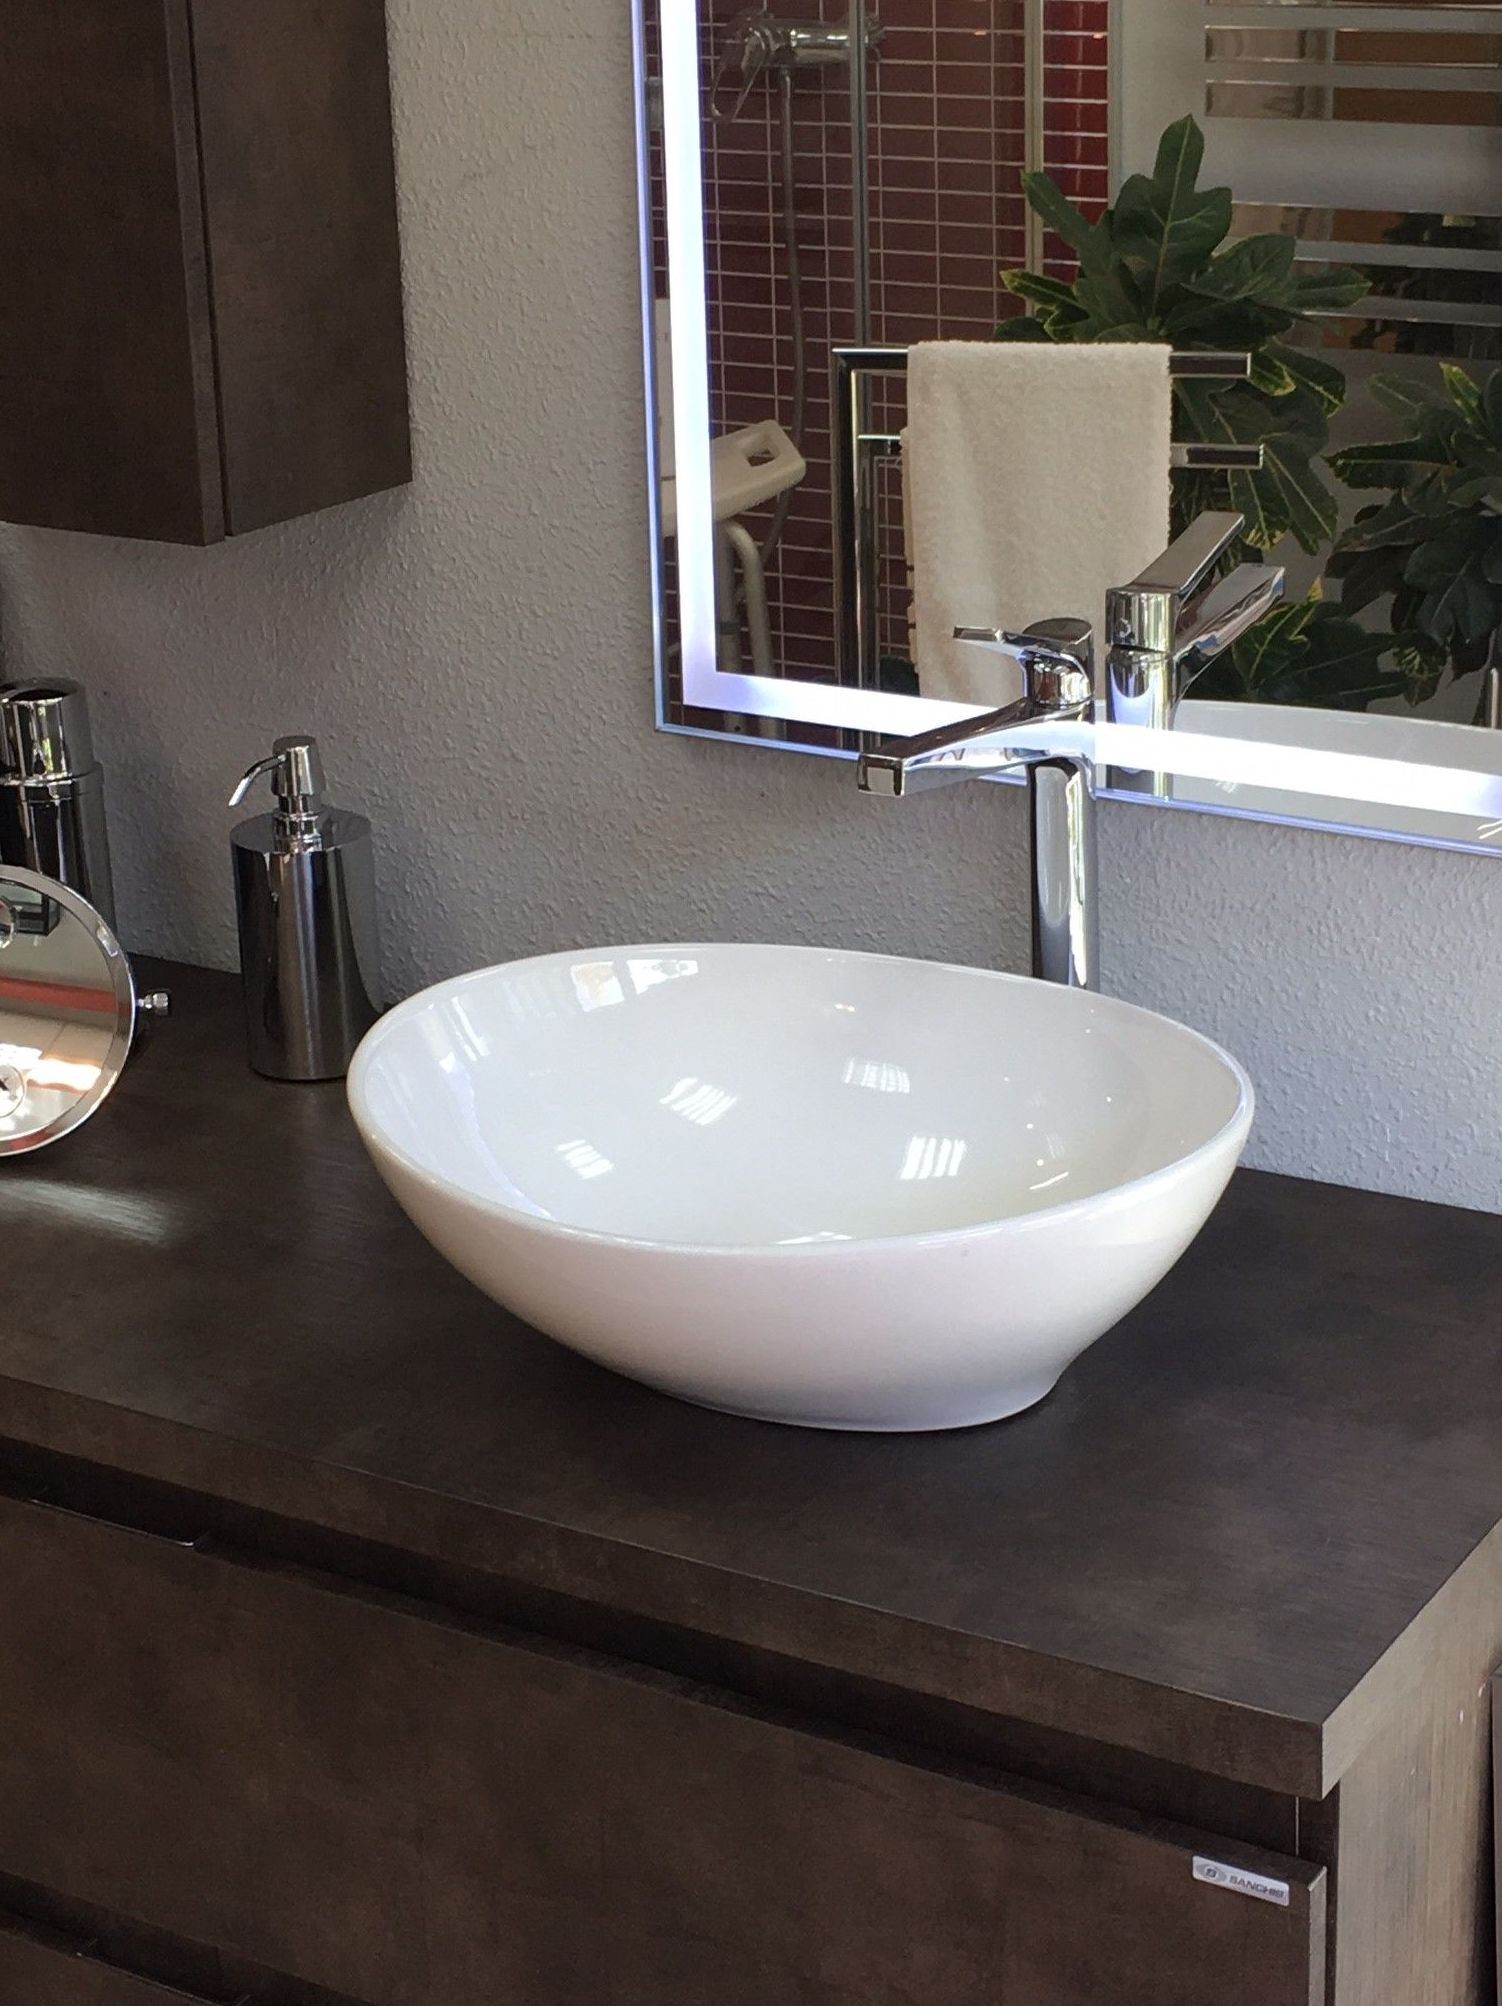 Foto 16 de Muebles de baño y cocina en Madrid | Atrezzo Cocina y Baño